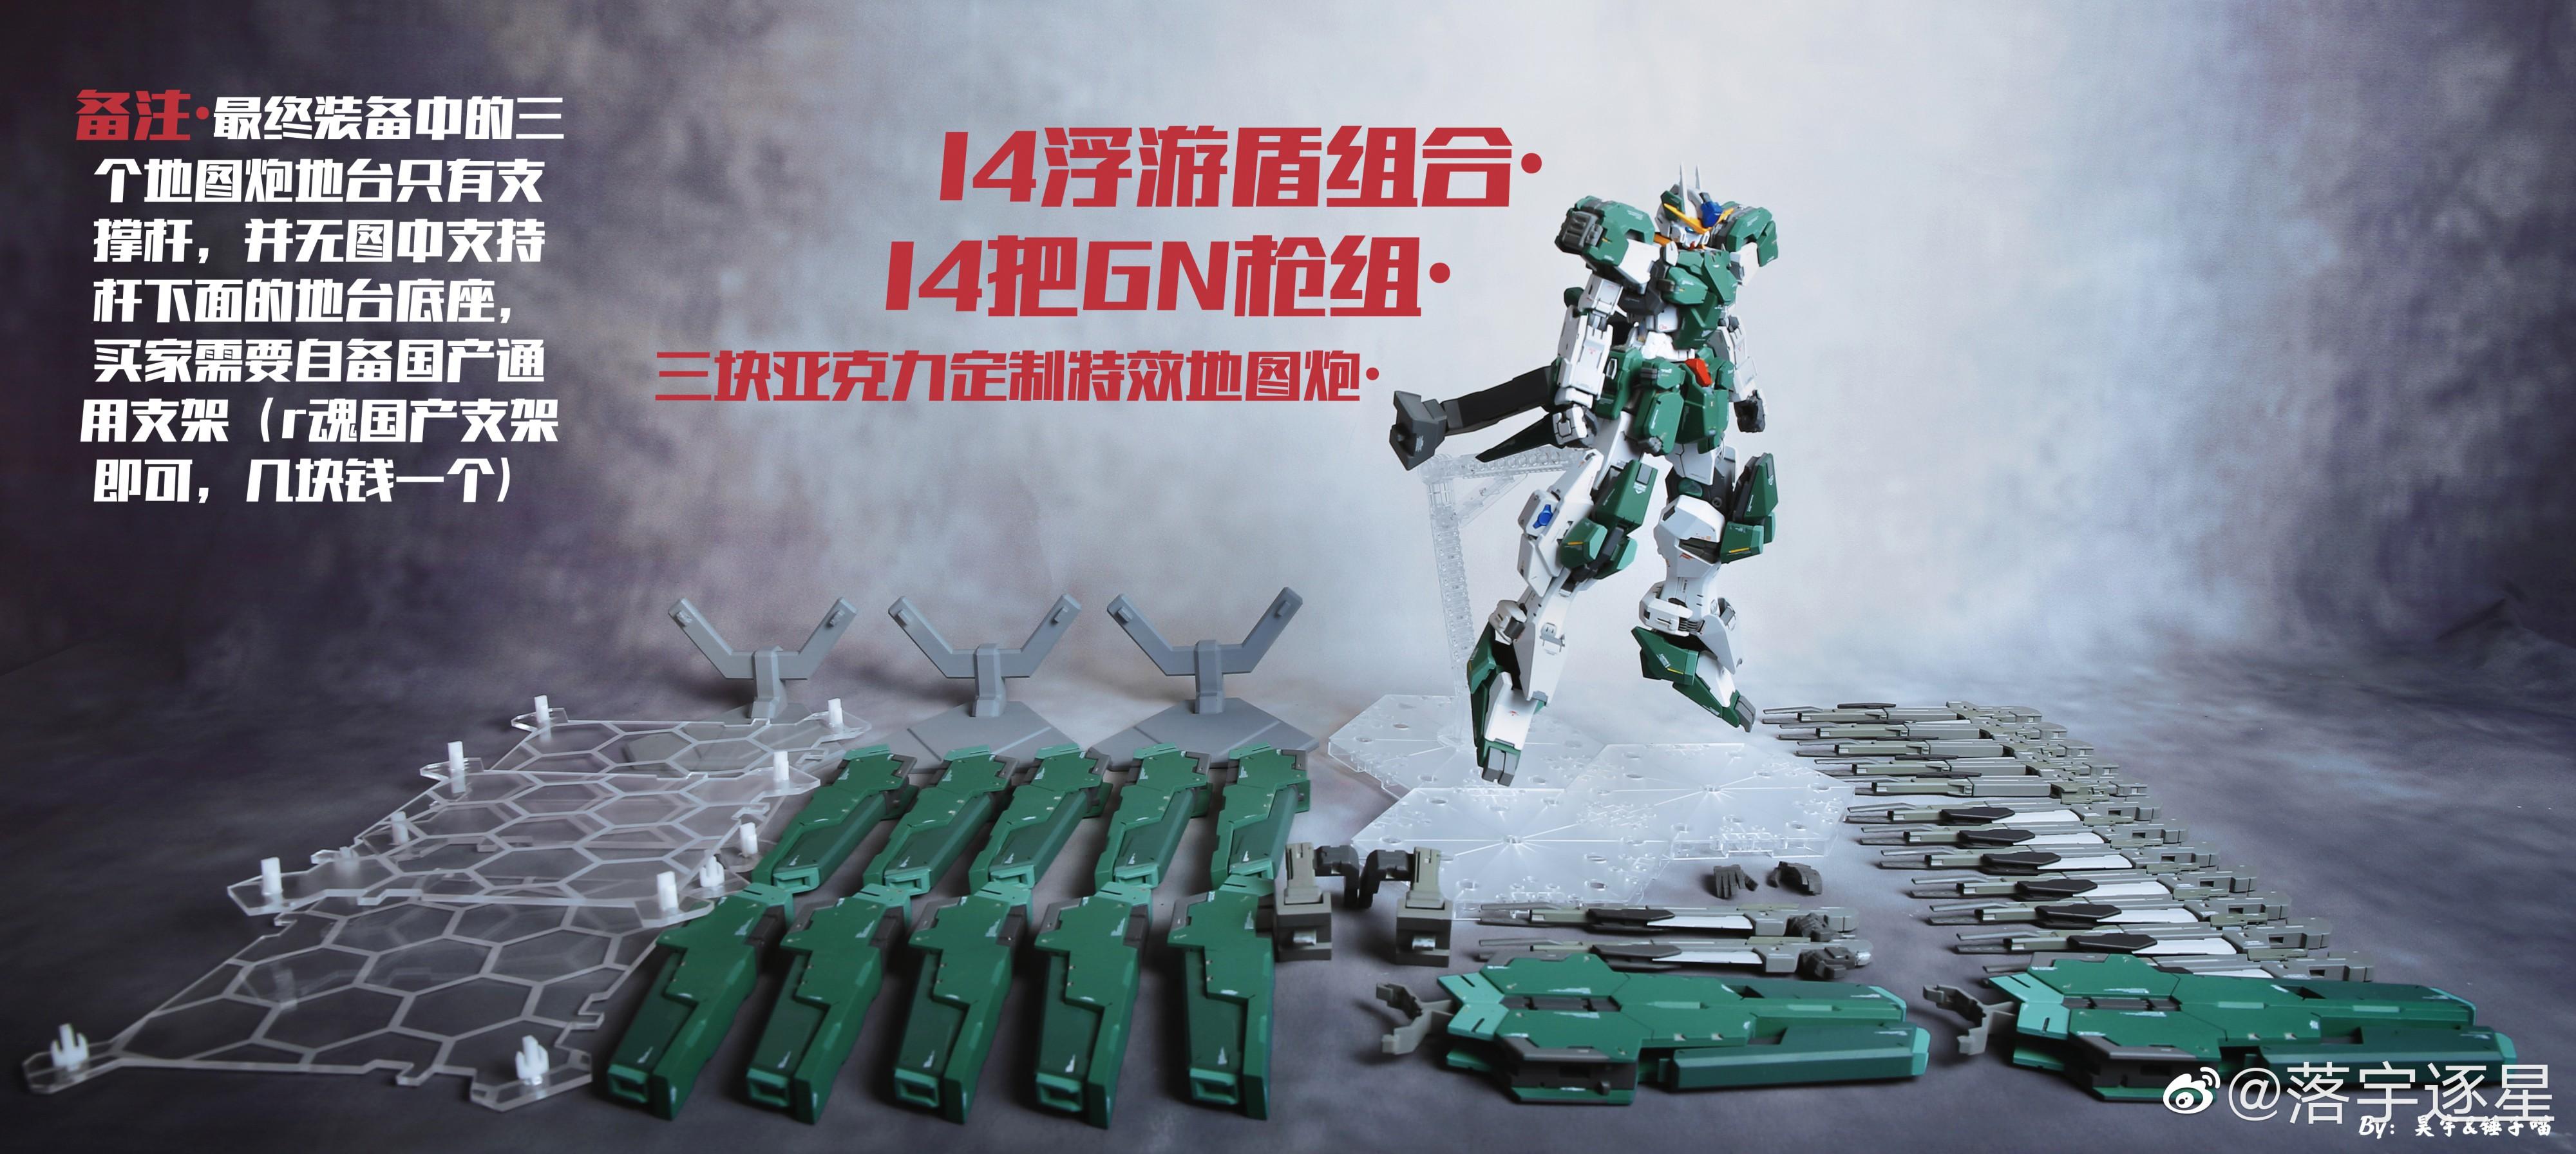 G652_3_GN_010_OO_Gundam_Zabanya_011.jpg